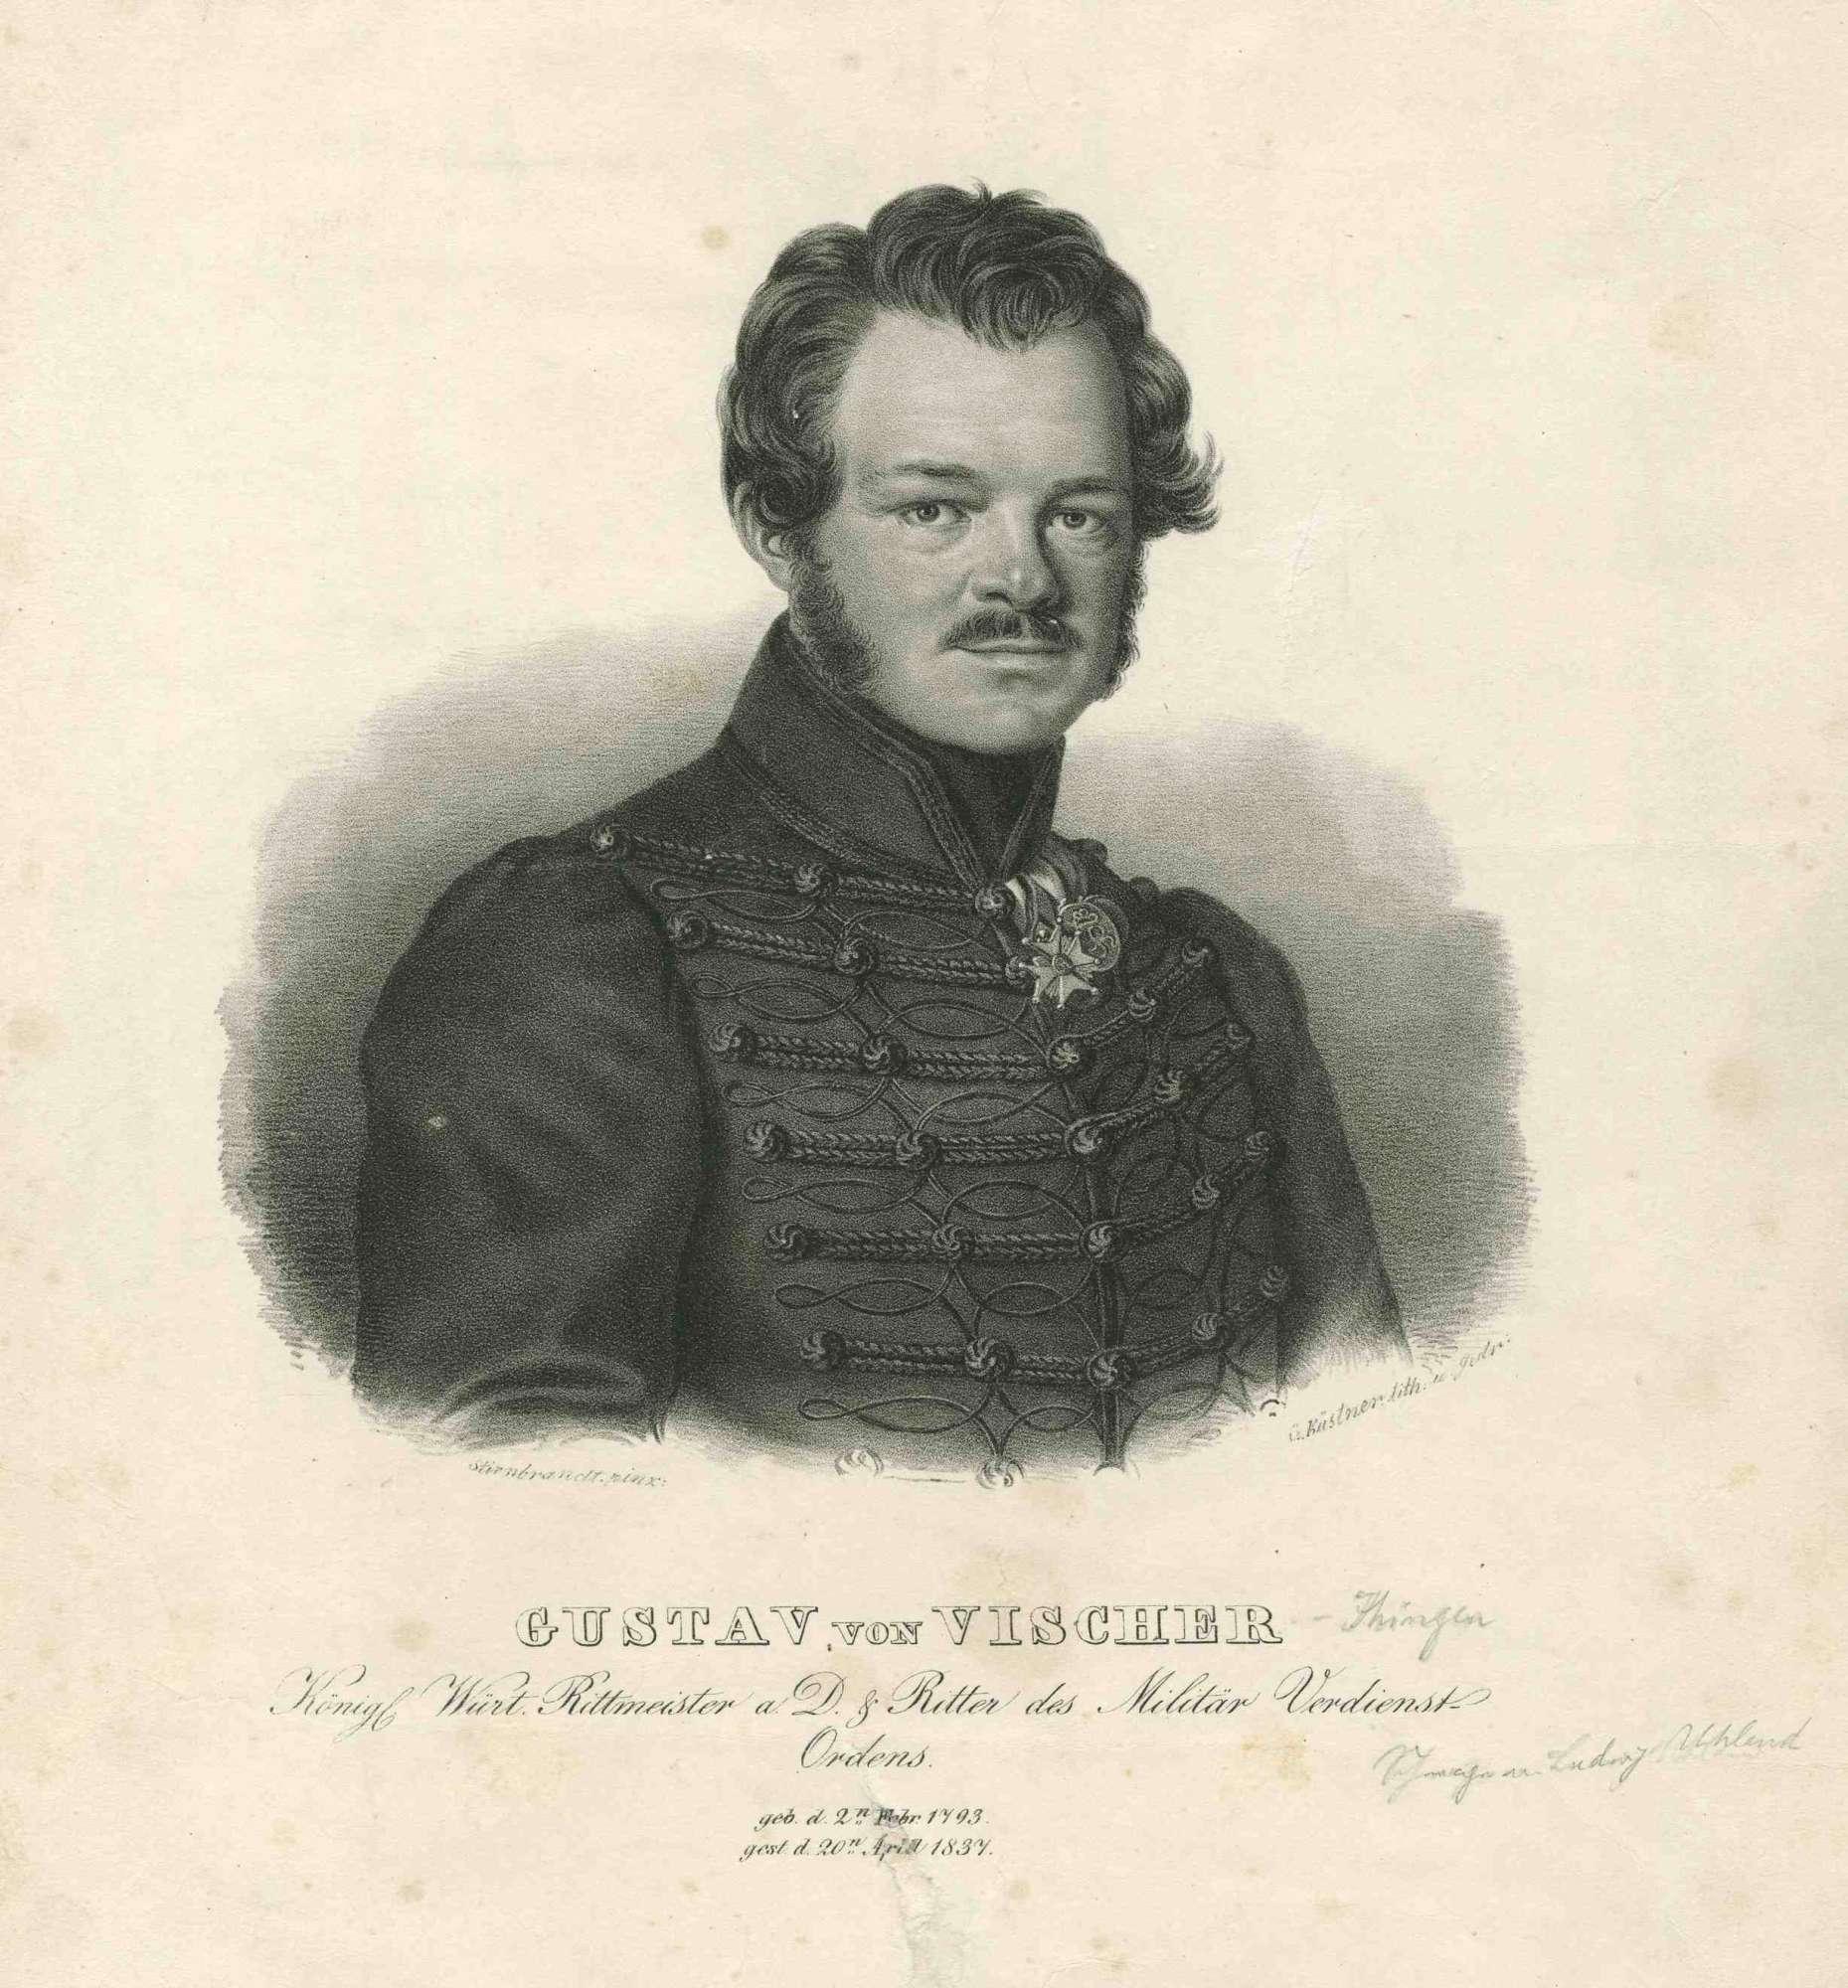 Gustav von Vischer-Ihingen, Rittmeister (Schwager Ludwig Uhlands), Brustbild mit Ritterkreuz des Württembergischen Militärverdienstordens, Bild 1